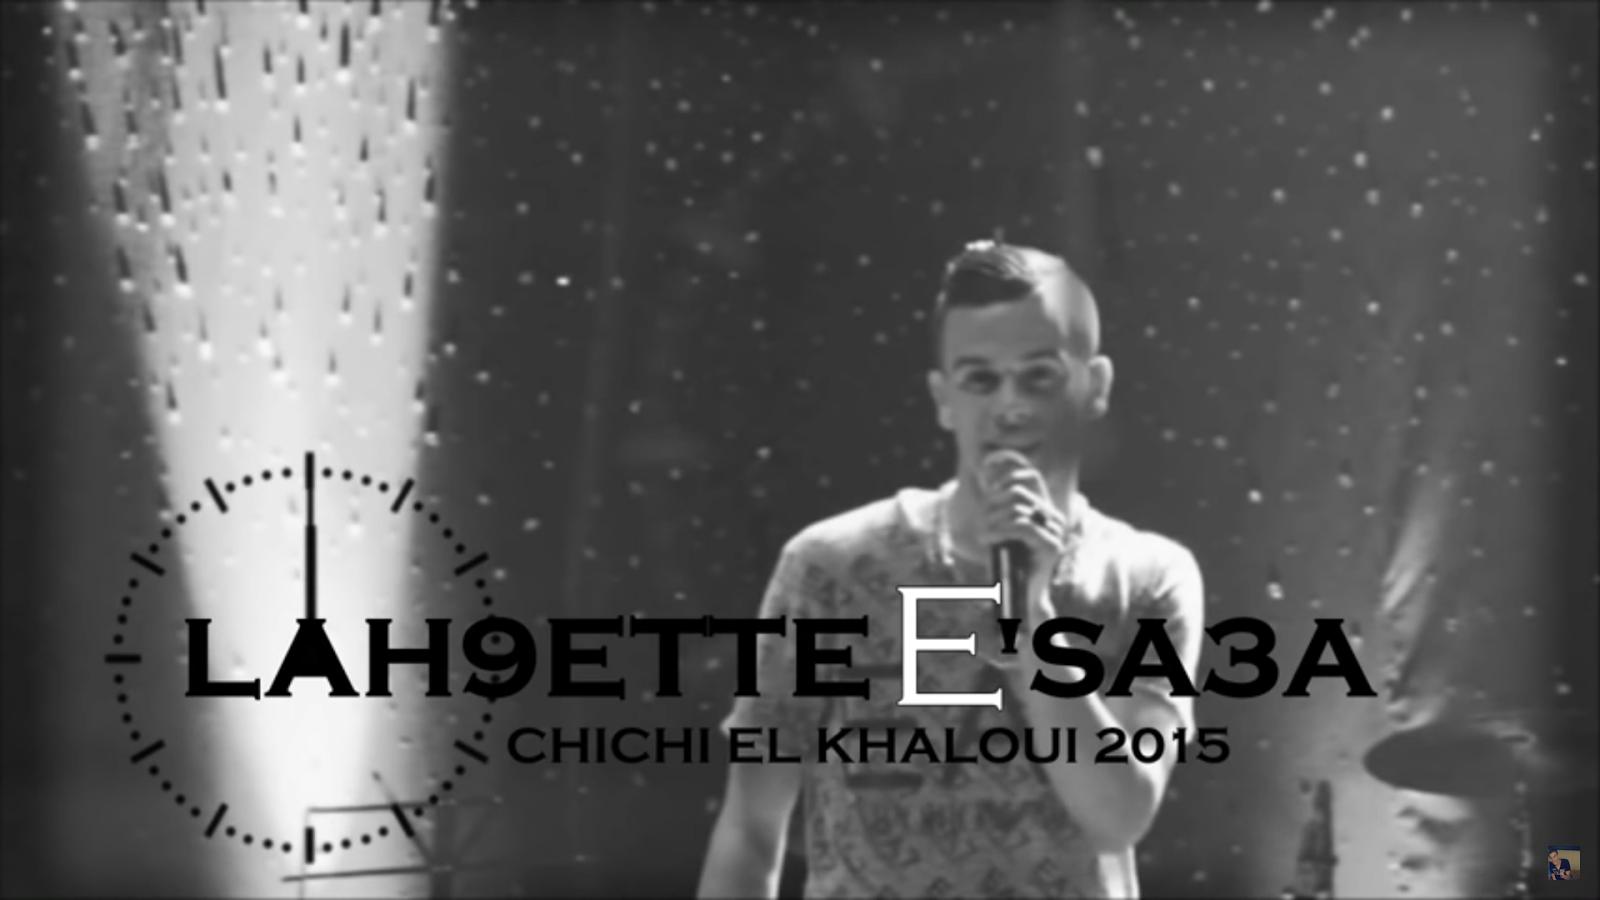 chichi el khaloui 2015